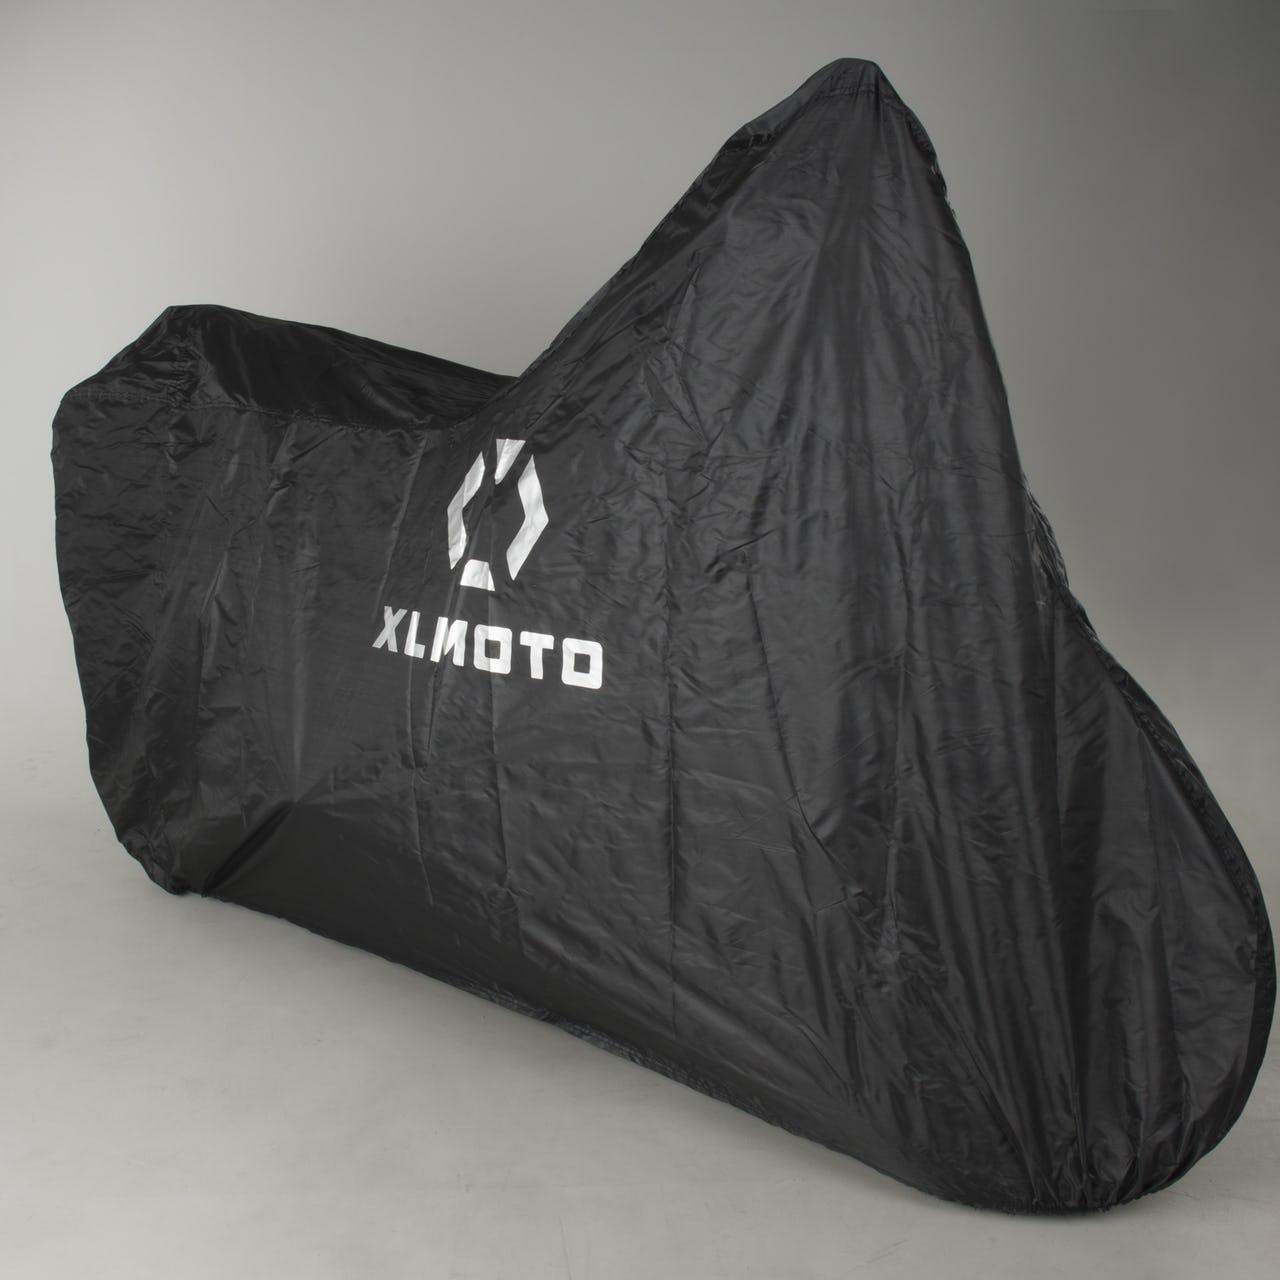 Pokrowiec motocyklowy Essential (rozmiary S-XL, poliester 190T) @ XLMoto